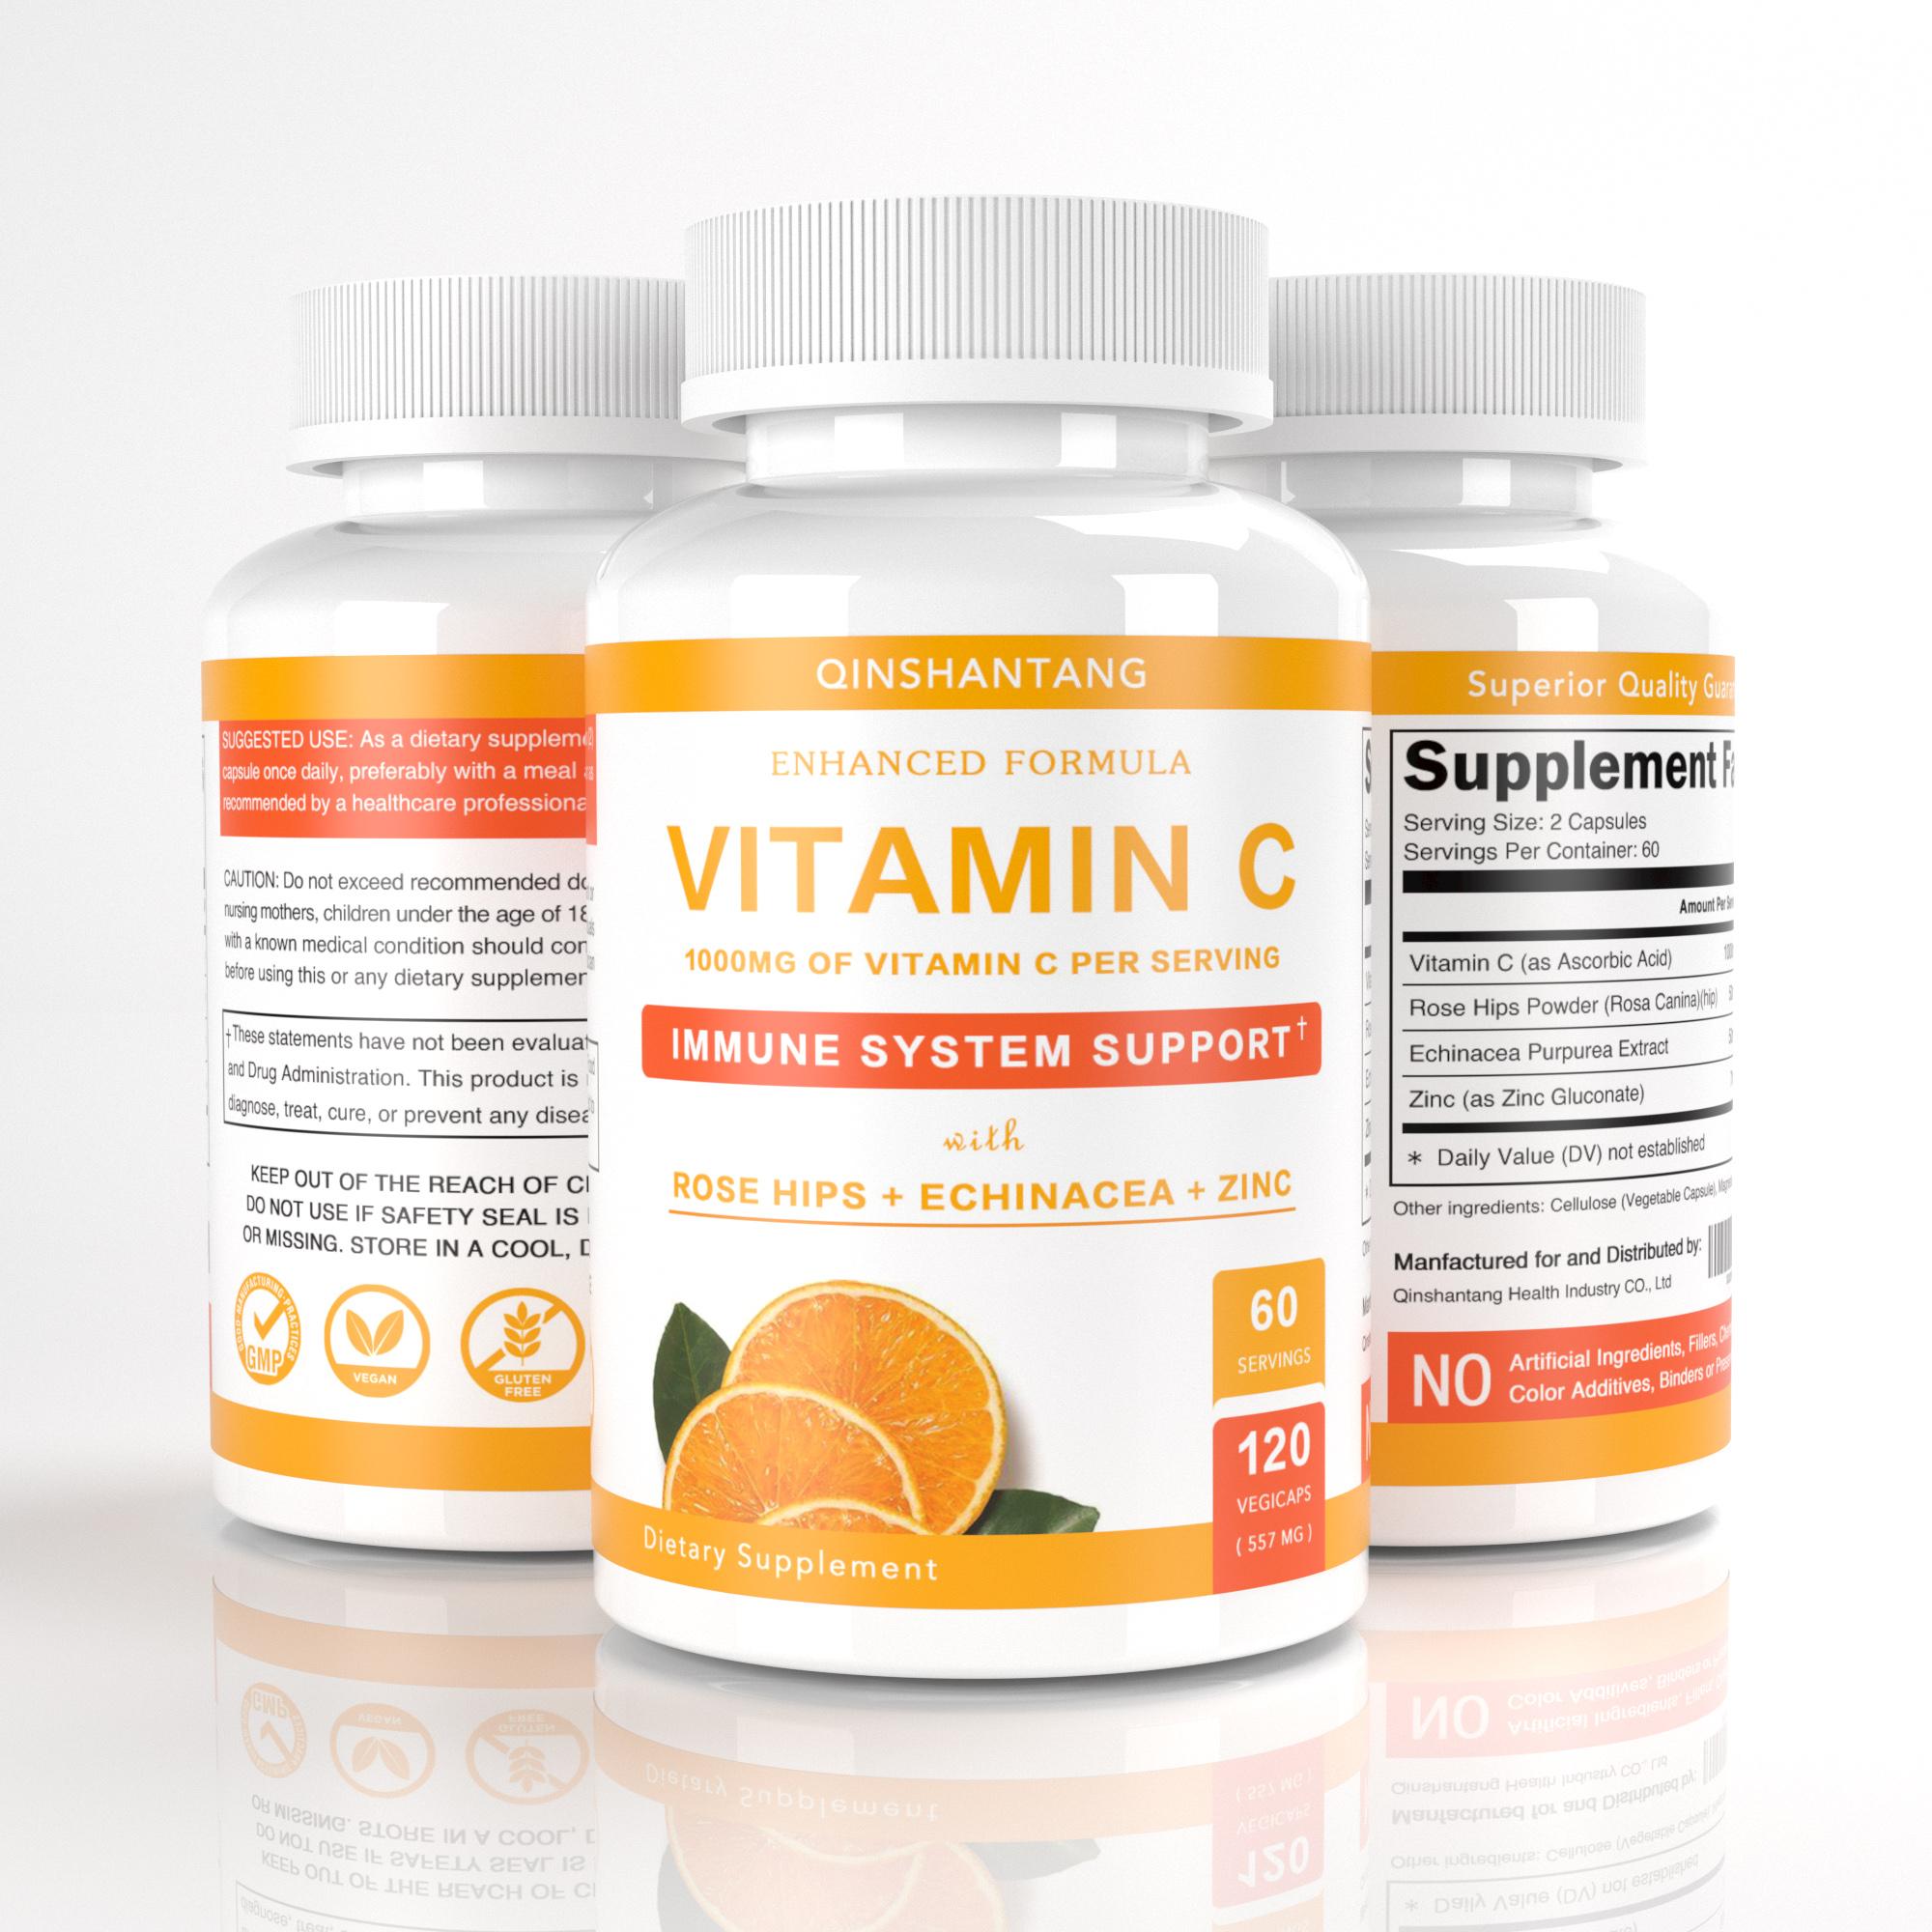 4-Trong-1 VIT C Viên Nang/Thuốc Khả Năng Miễn Dịch Bổ Sung Rose Hips, Kẽm, Echinacea, vitamin C Miễn Dịch Tăng Cường